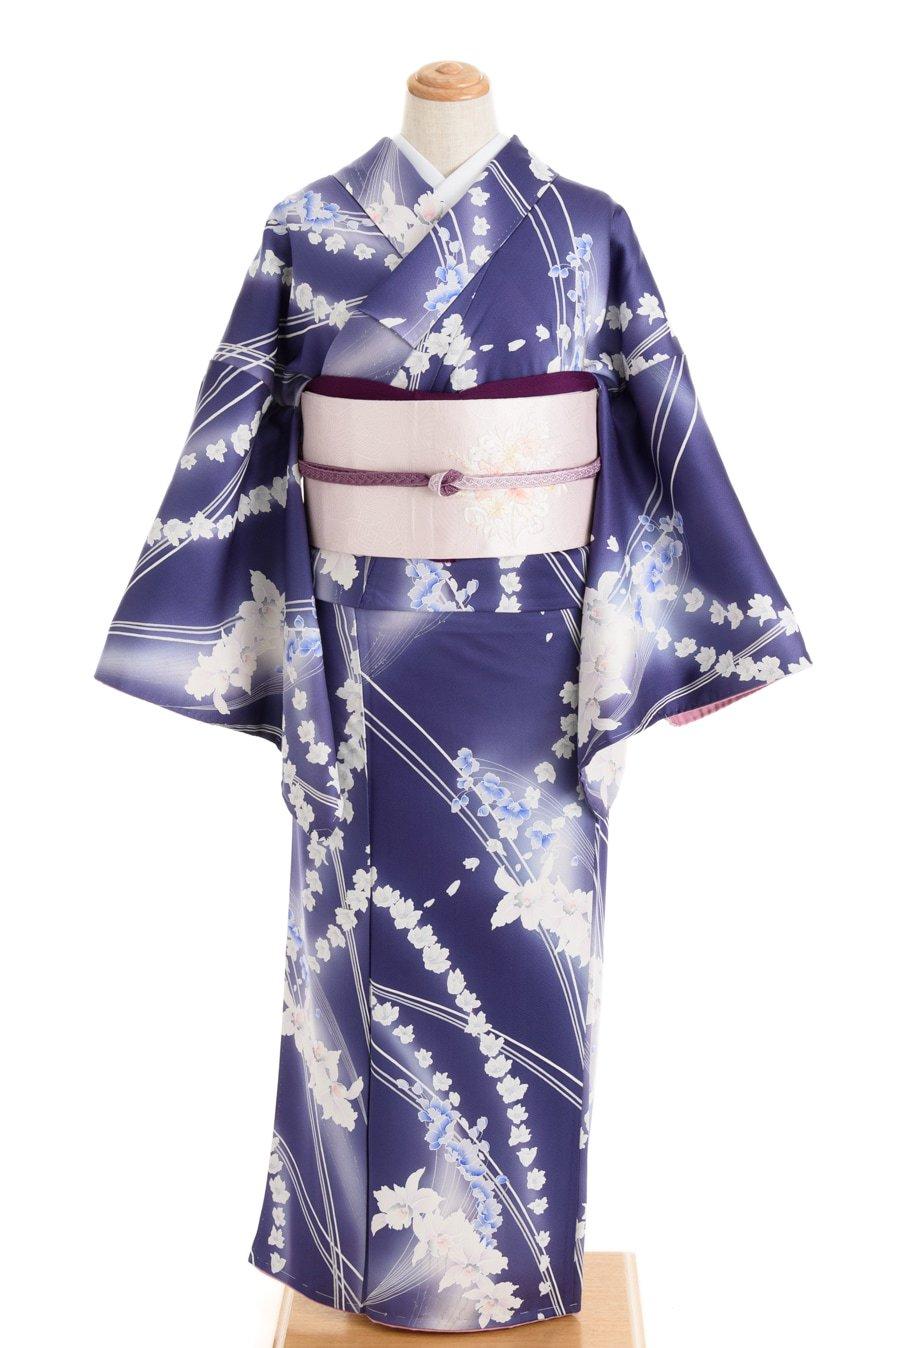 「菫色暈し 洋花繋ぎ」の商品画像